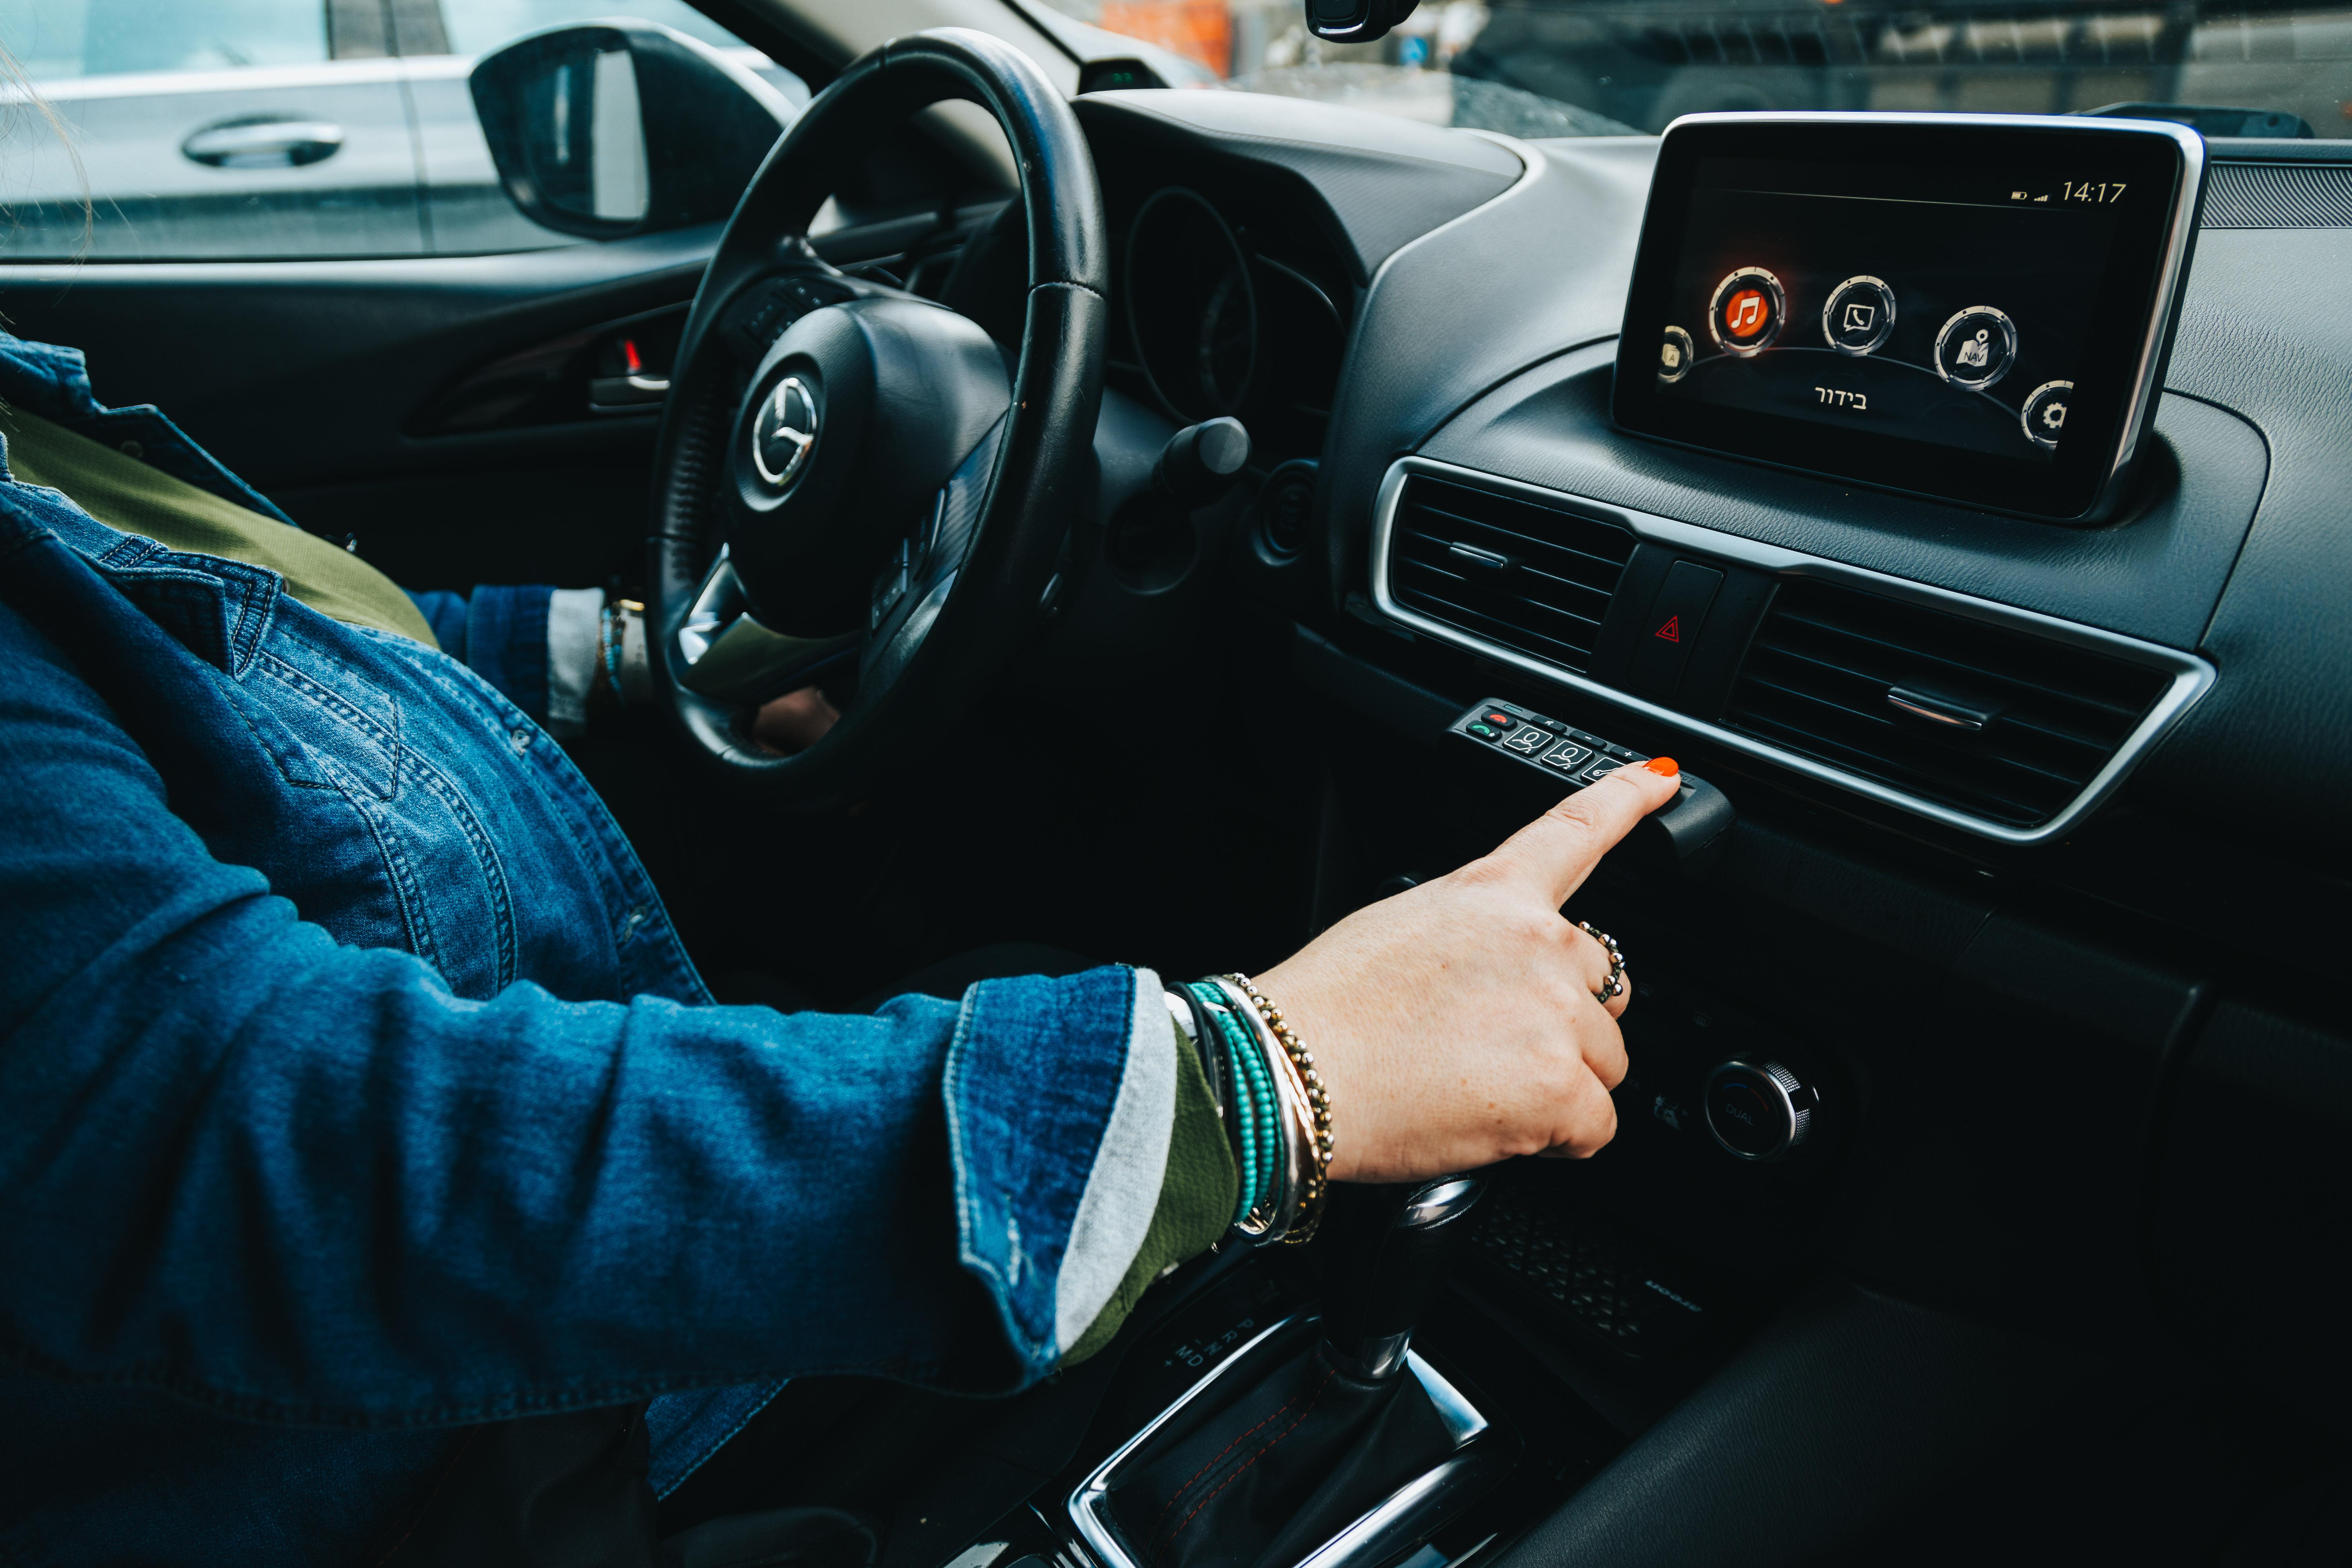 חצי דקה זה מעט זמן לדעתך? עשרות אלפי הנהגים שהכניסו את מערכת הכפתור לרכב שלהם חושבים אחרת